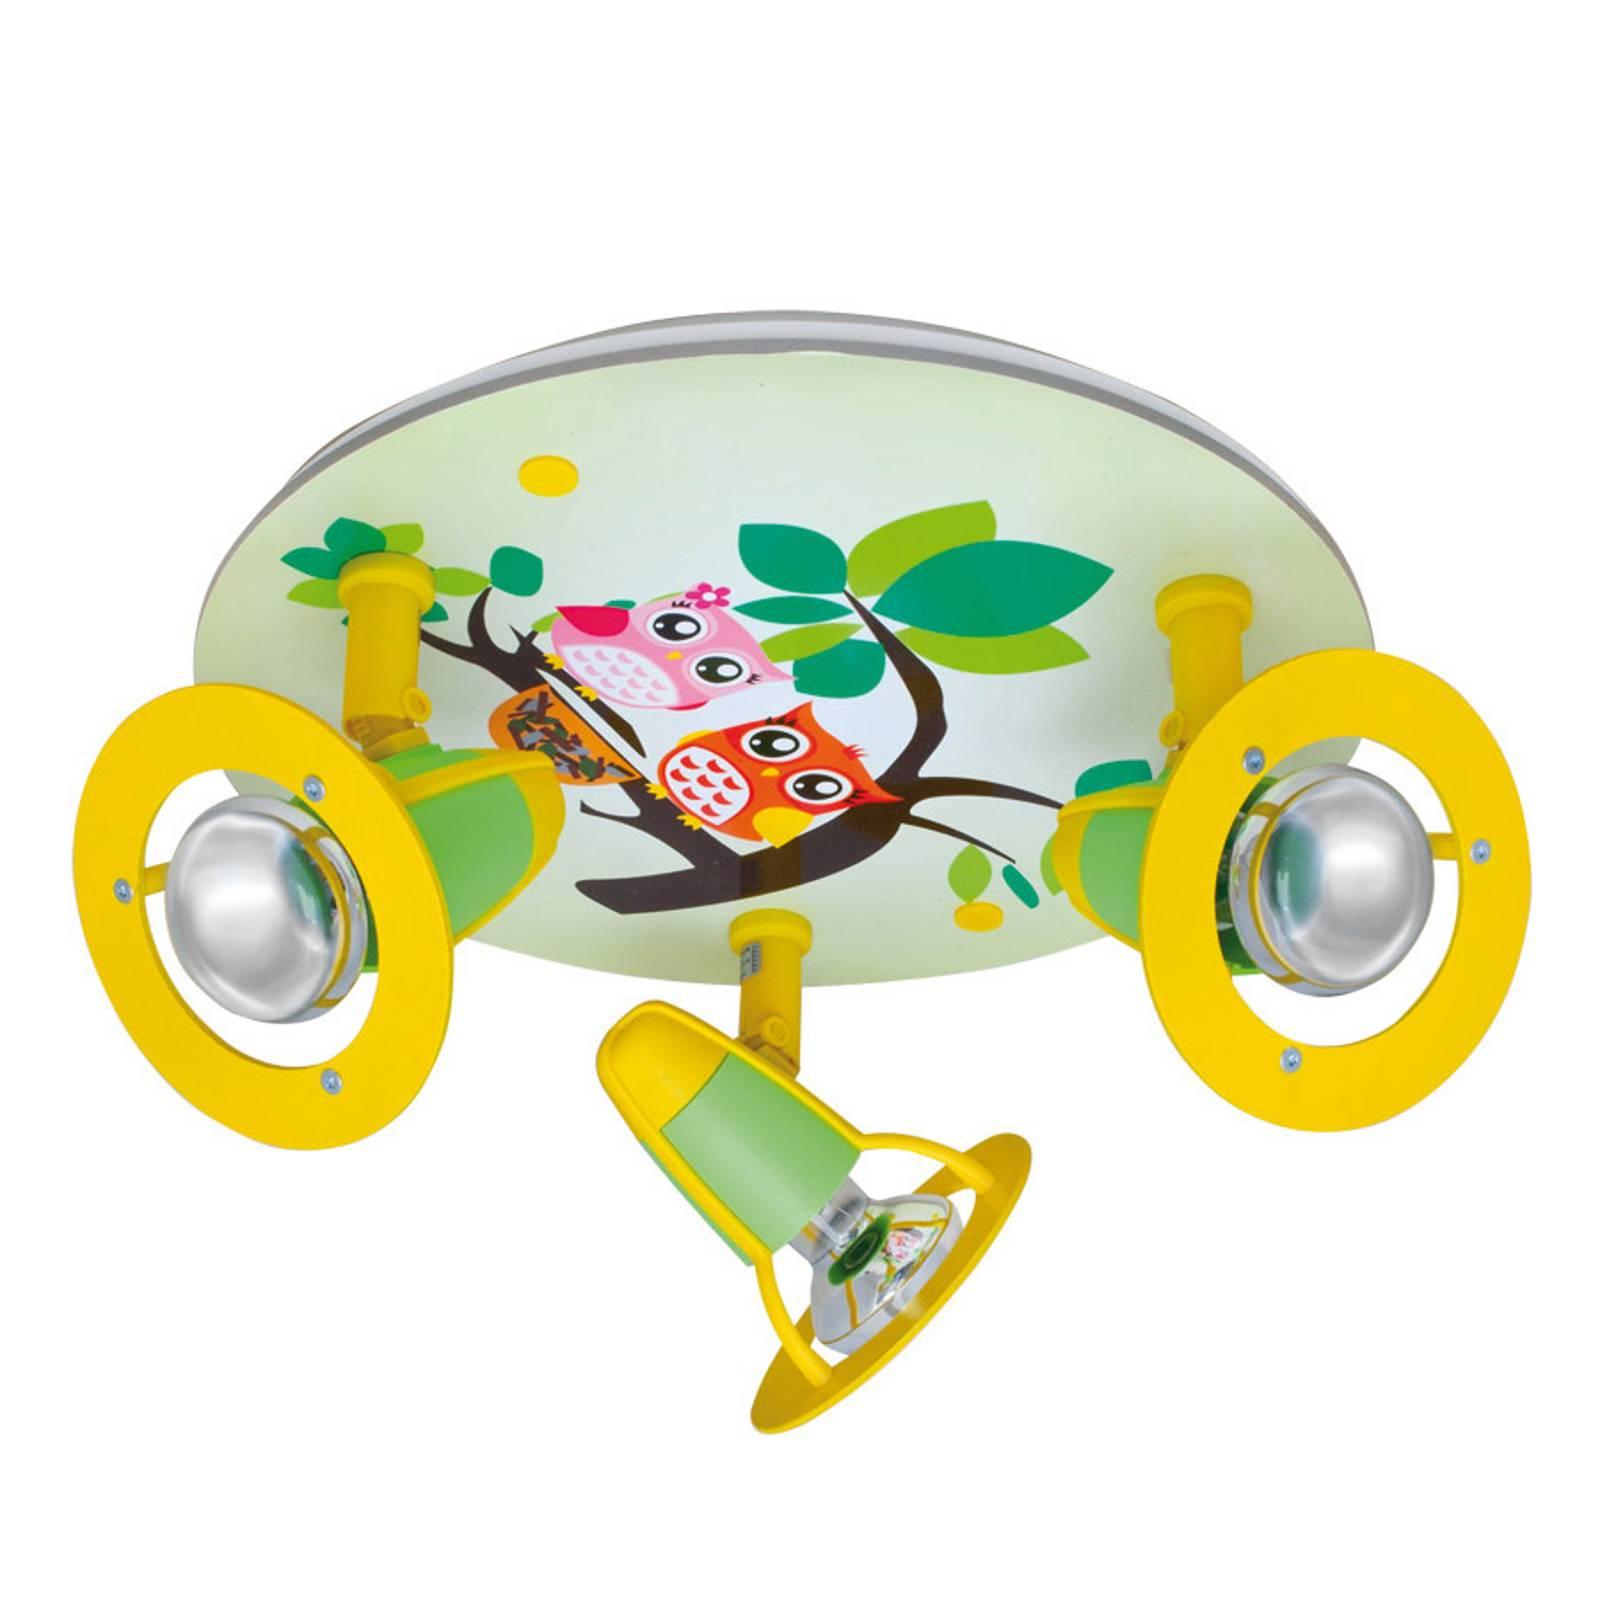 Plafonnier Hibou, vert, jaune